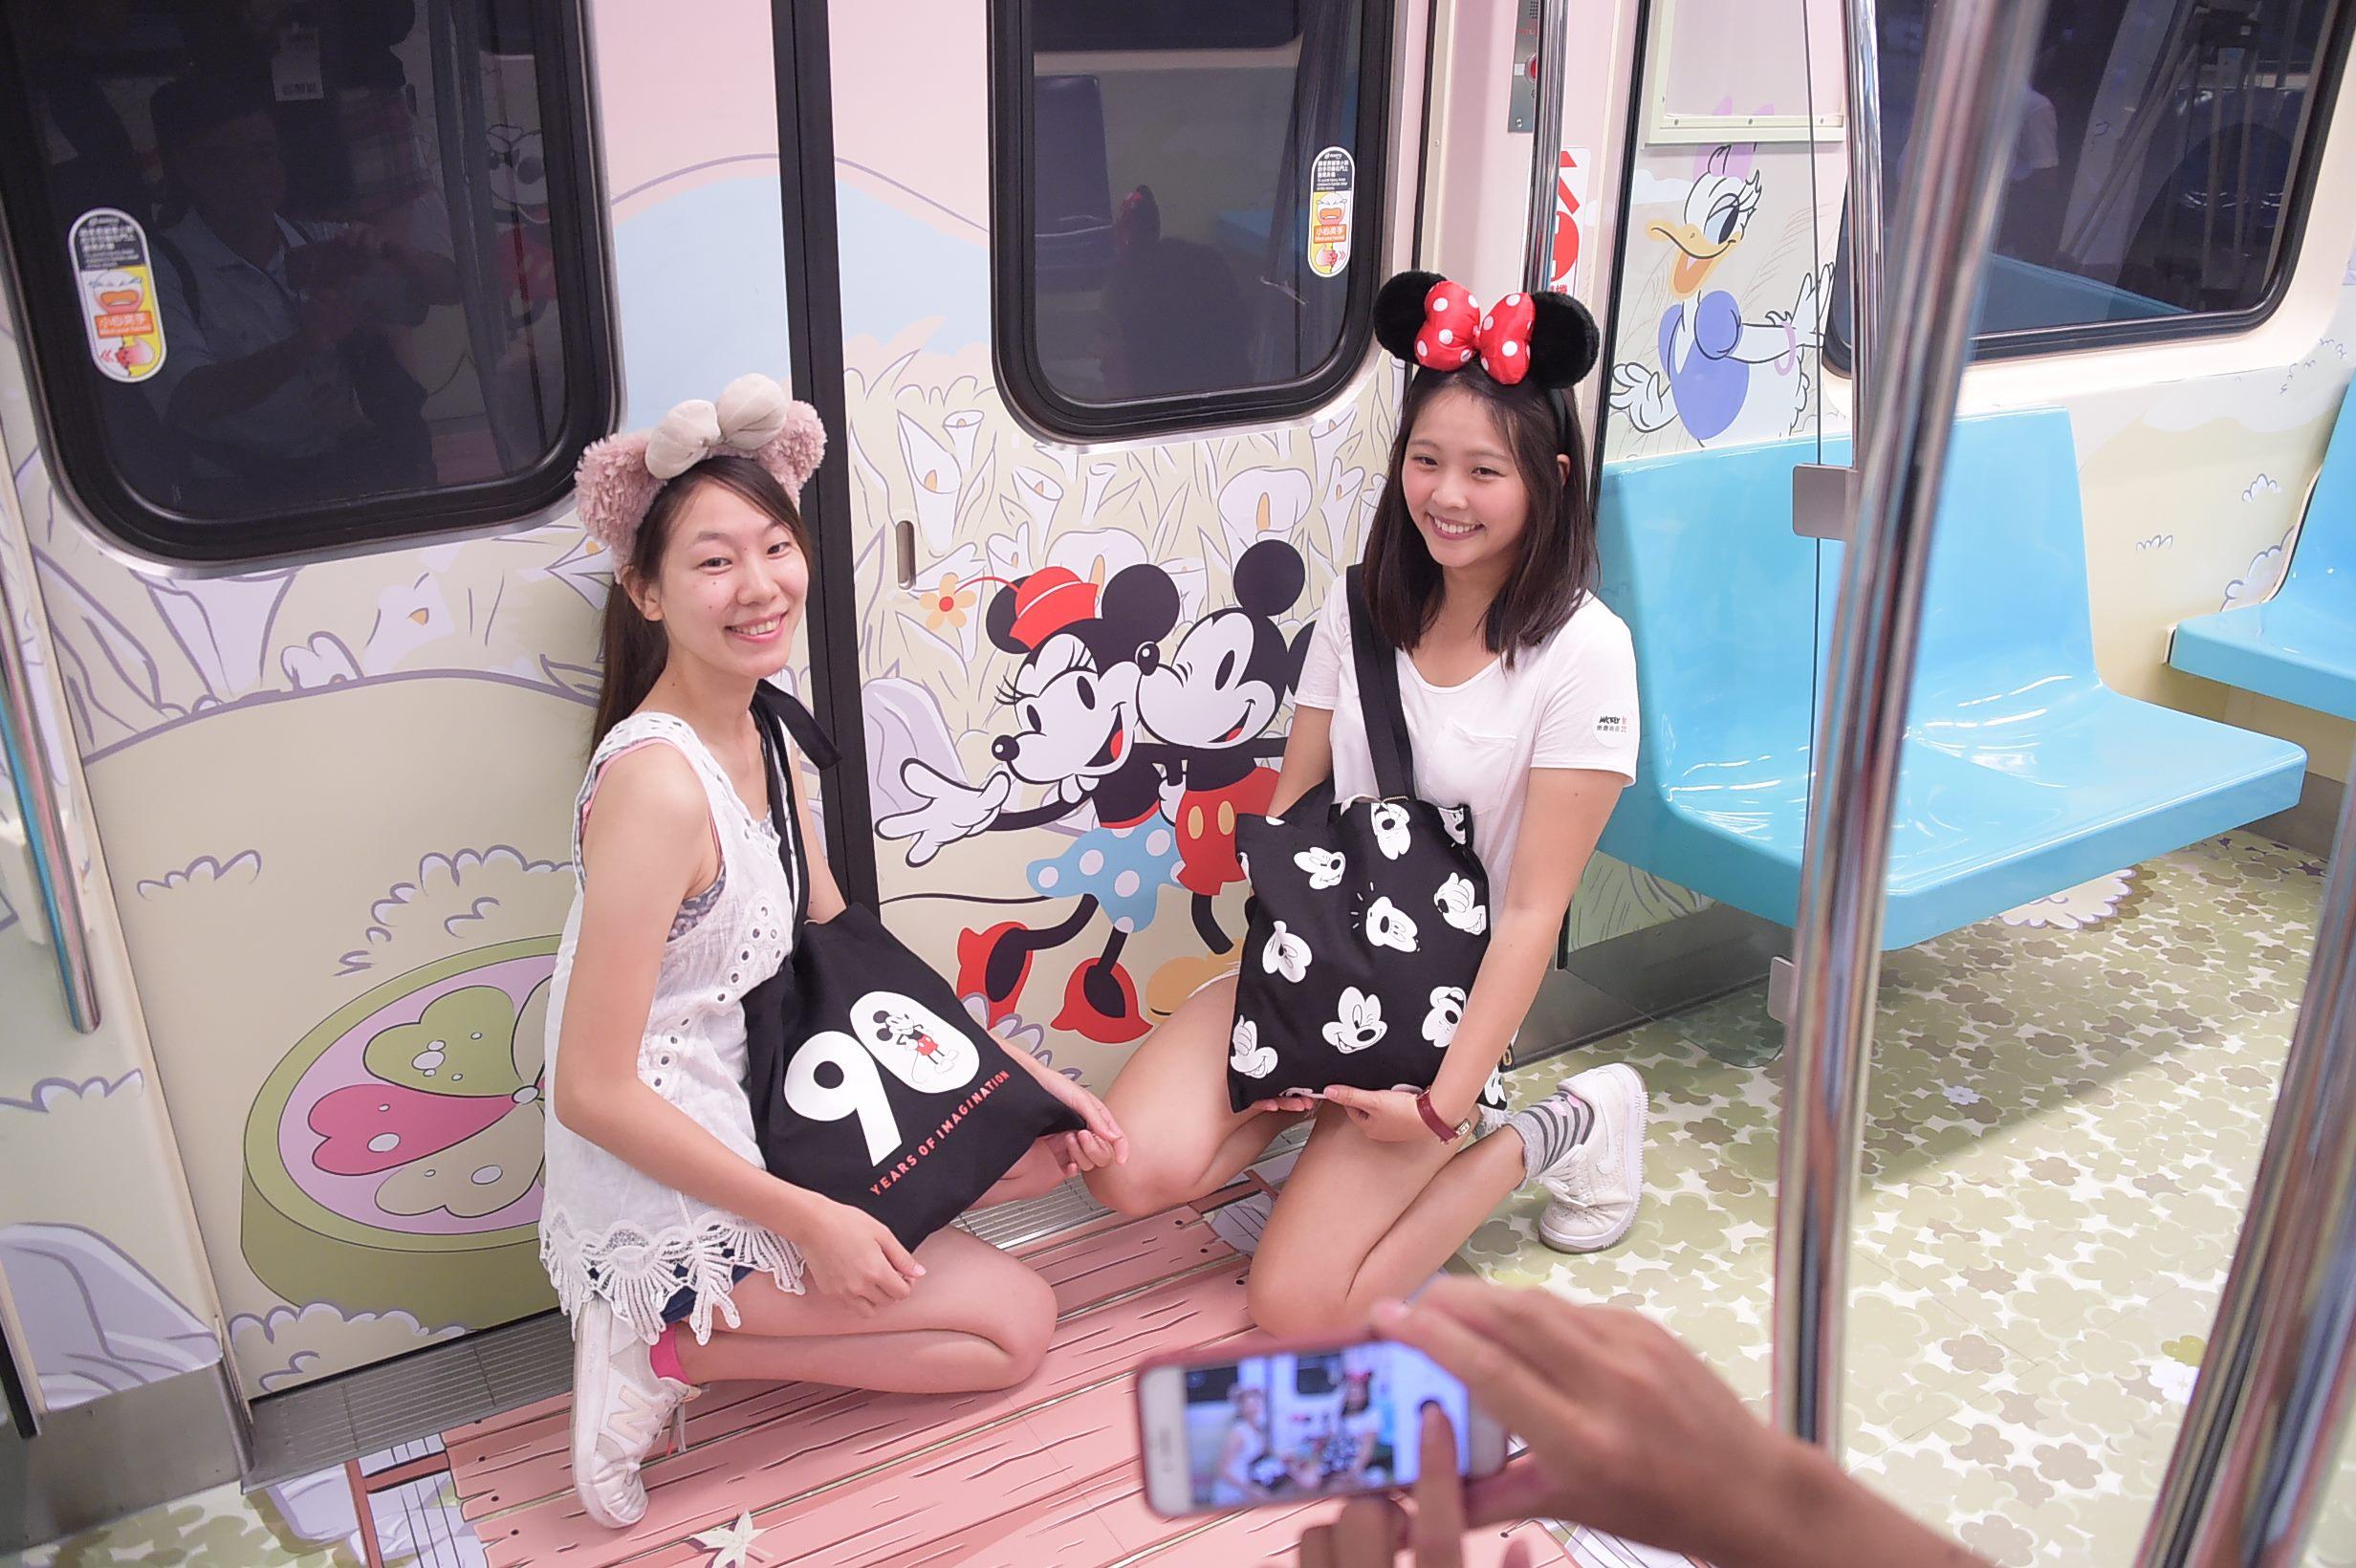 米奇「趣遊台北」彩繪列車裡,有著臺北不同的樣貌,吸引民眾拍照